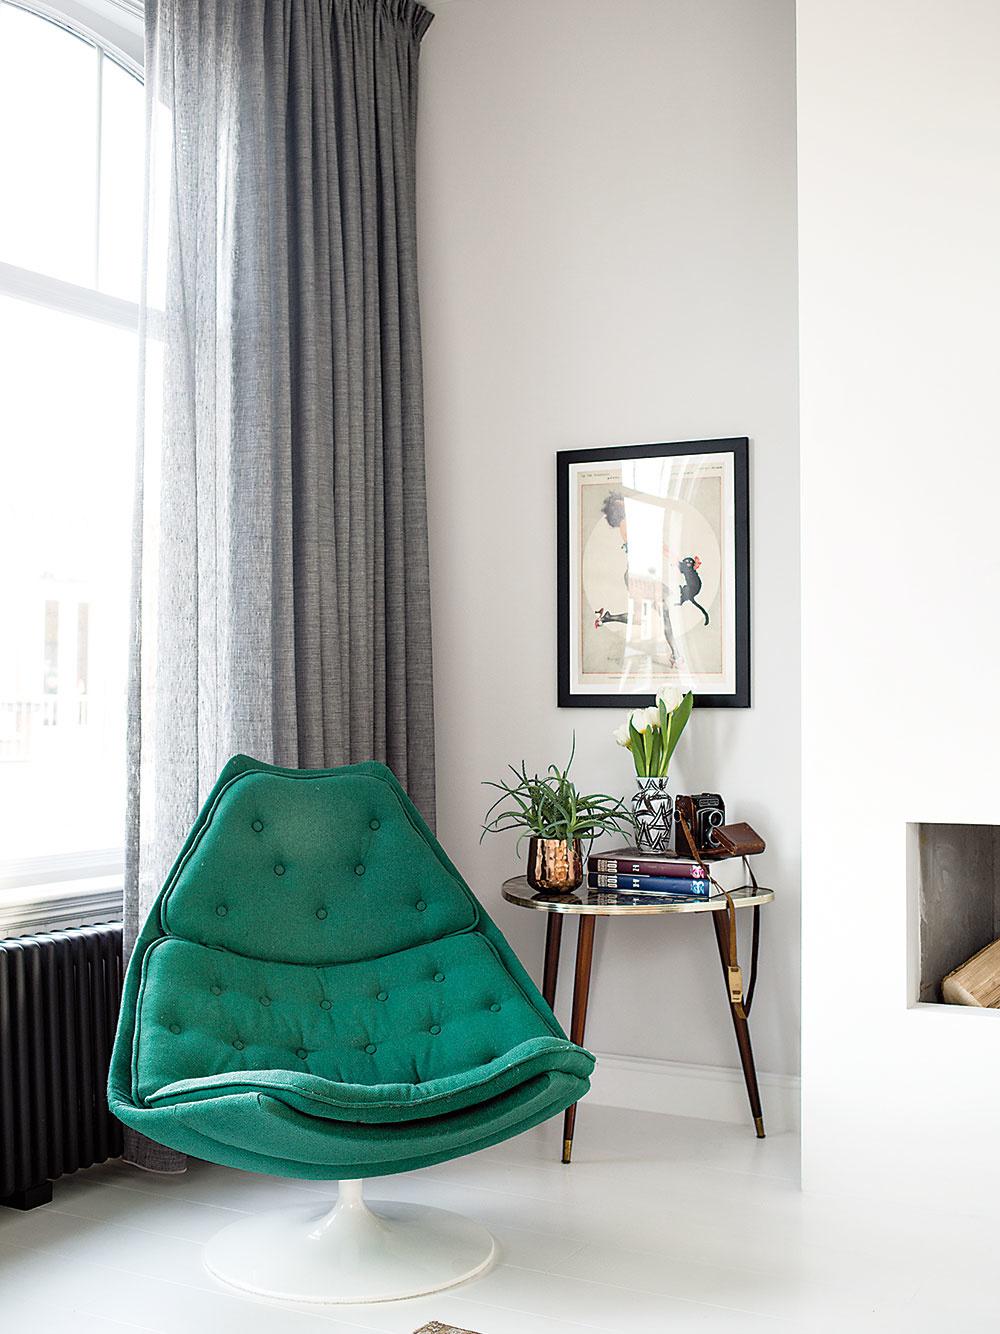 DOMINANTNÉ KRESLO bolo pôvodne fialové, no majiteľka sa ho rozhodla potiahnuť látkou vo svojej obľúbenej zelenej farbe.